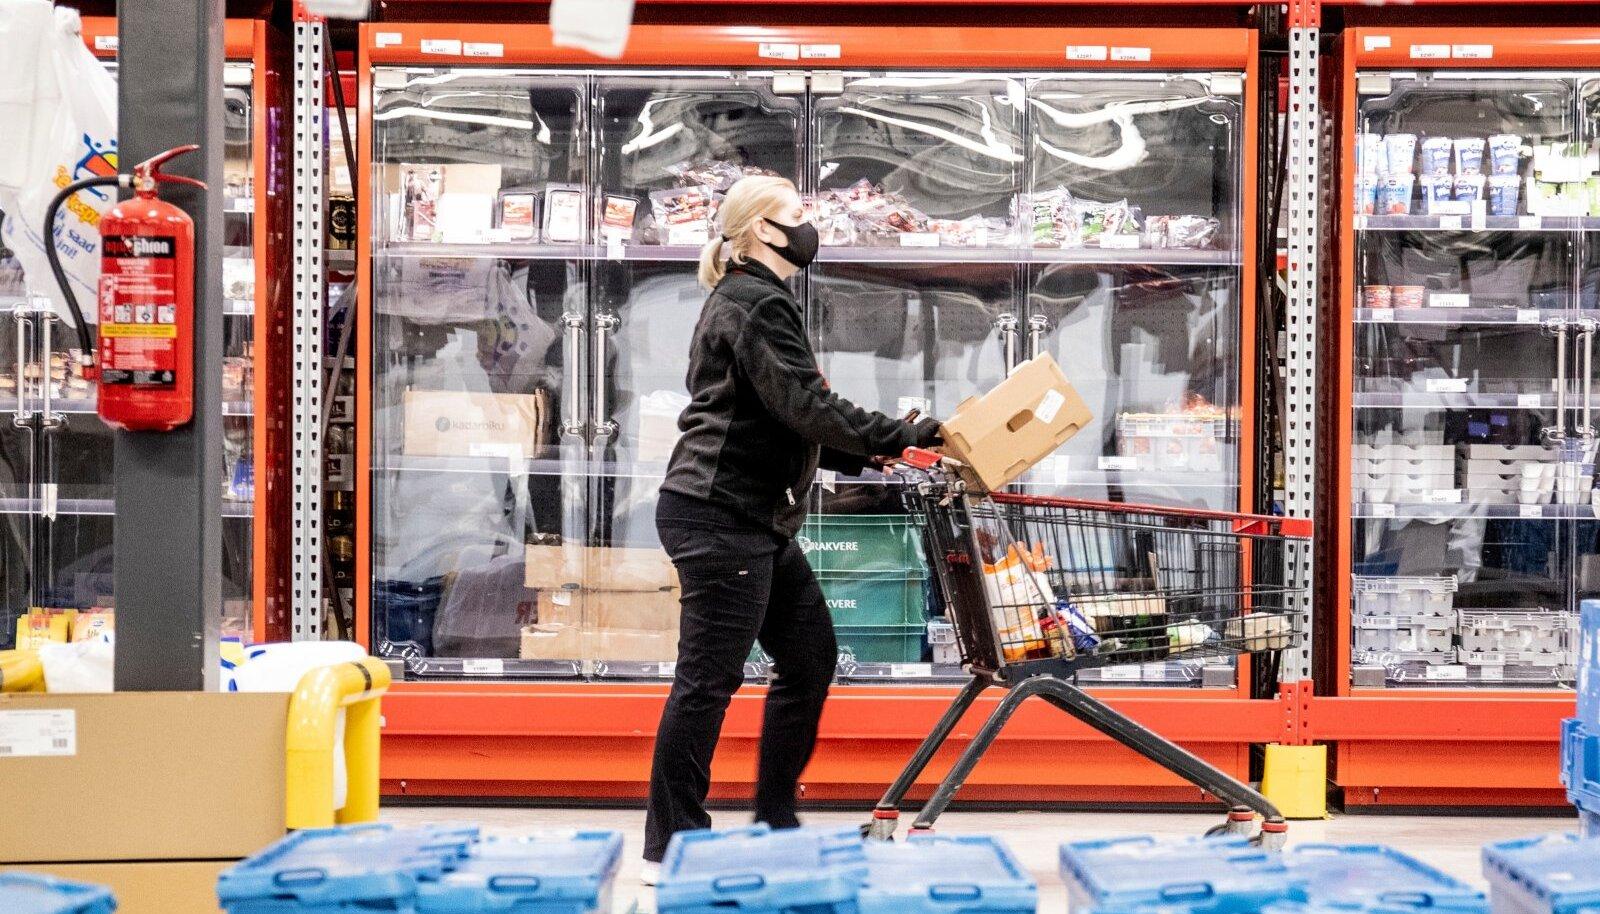 E-poe töötaja on professionaalne poodleja, kelle tööpäev möödub kaubariiulite vahel ostunimekirju täites ja neid pakkides.